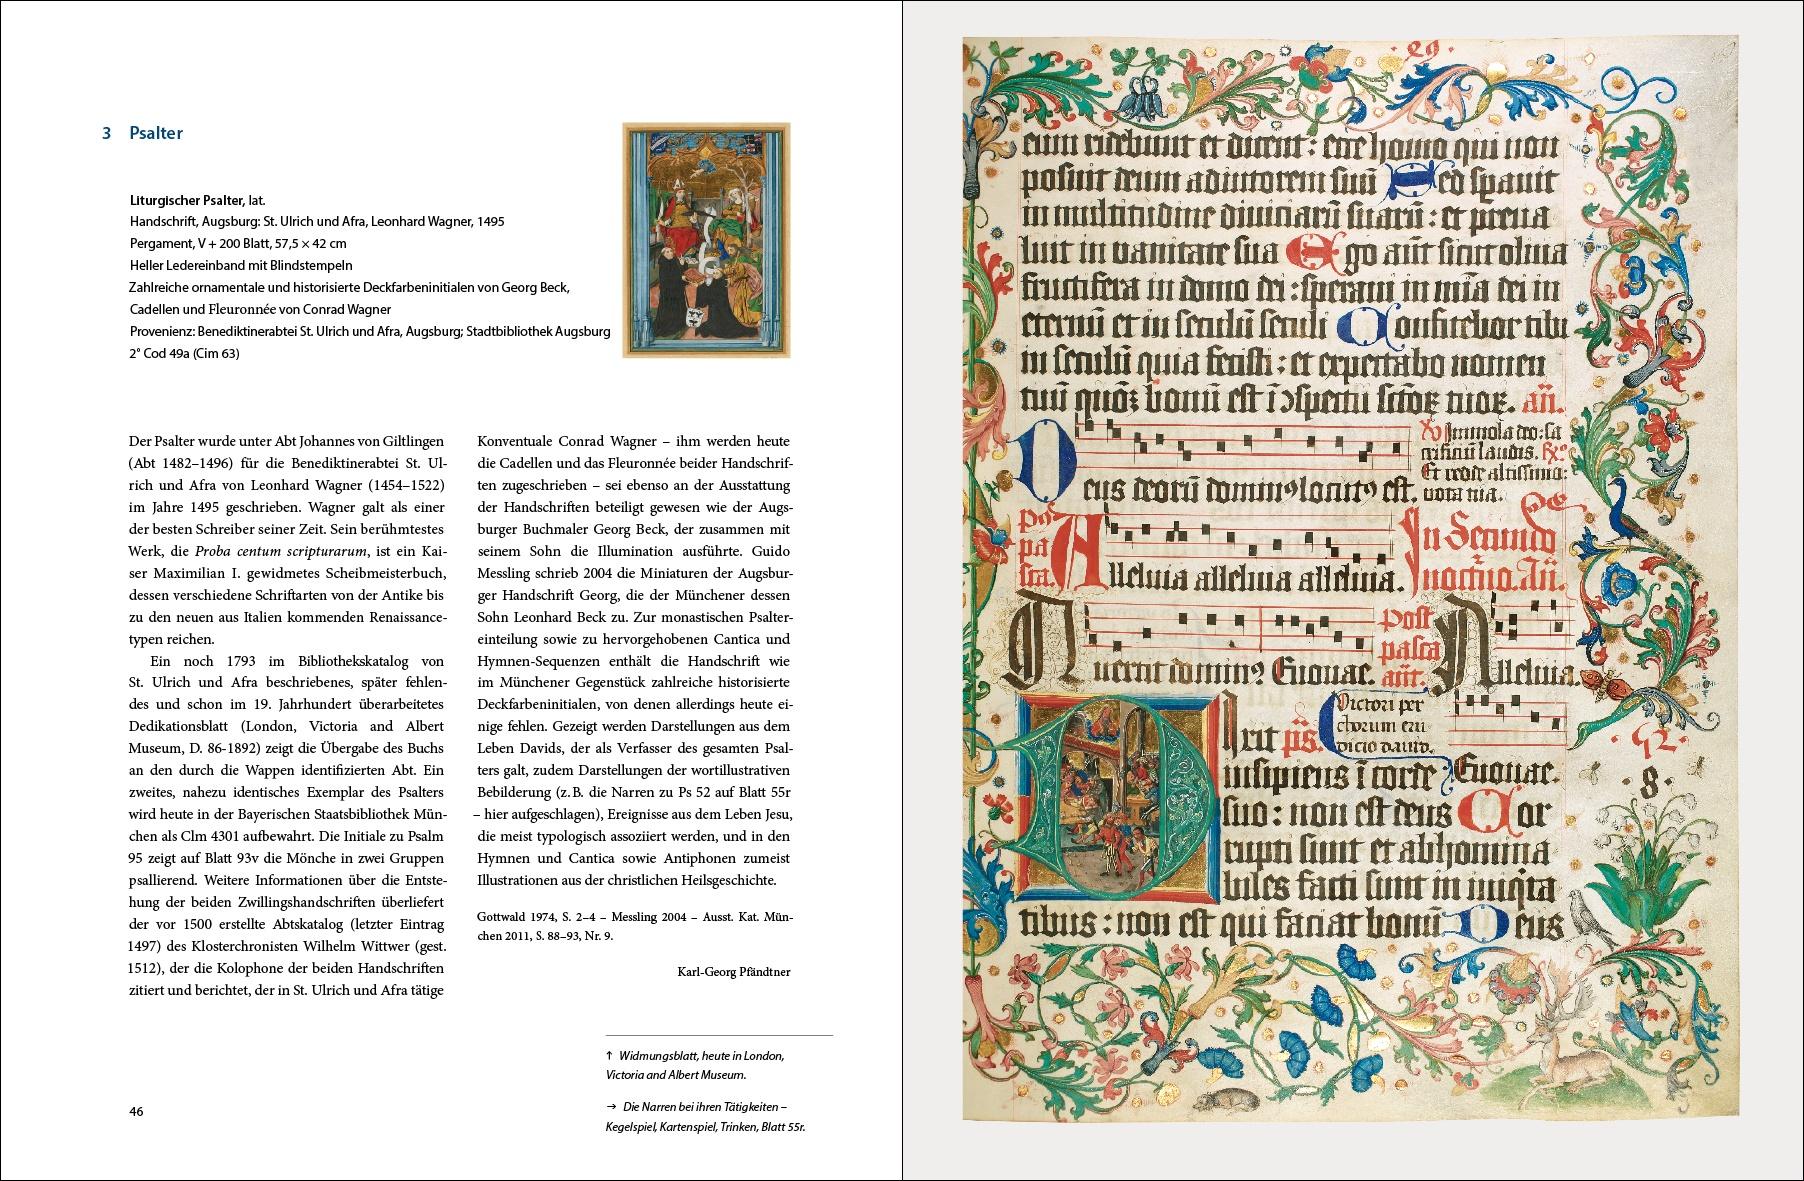 """Katalogband """"Gold und Bücher lieb ich sehr"""", p. 46-47"""